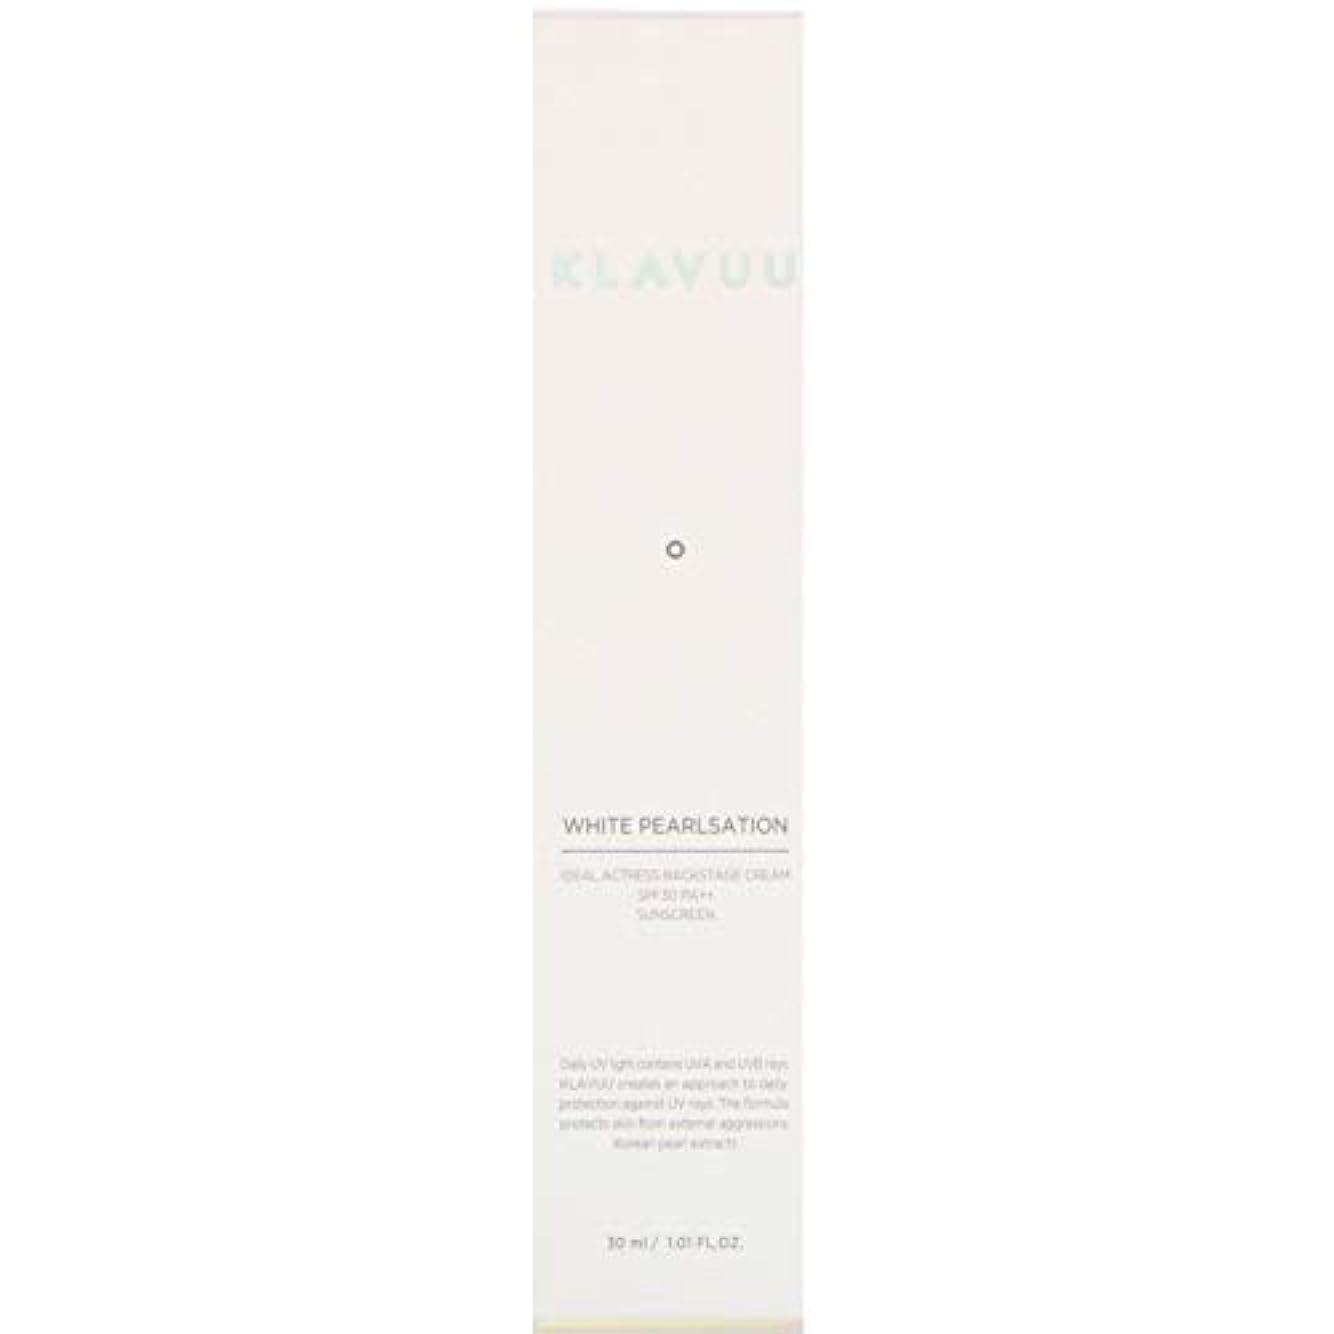 分子インクタービンクラビュー Klavuu ホワイトパールセ―ションバックステージクリーム 女優クリーム SPF30 PA++ 30g